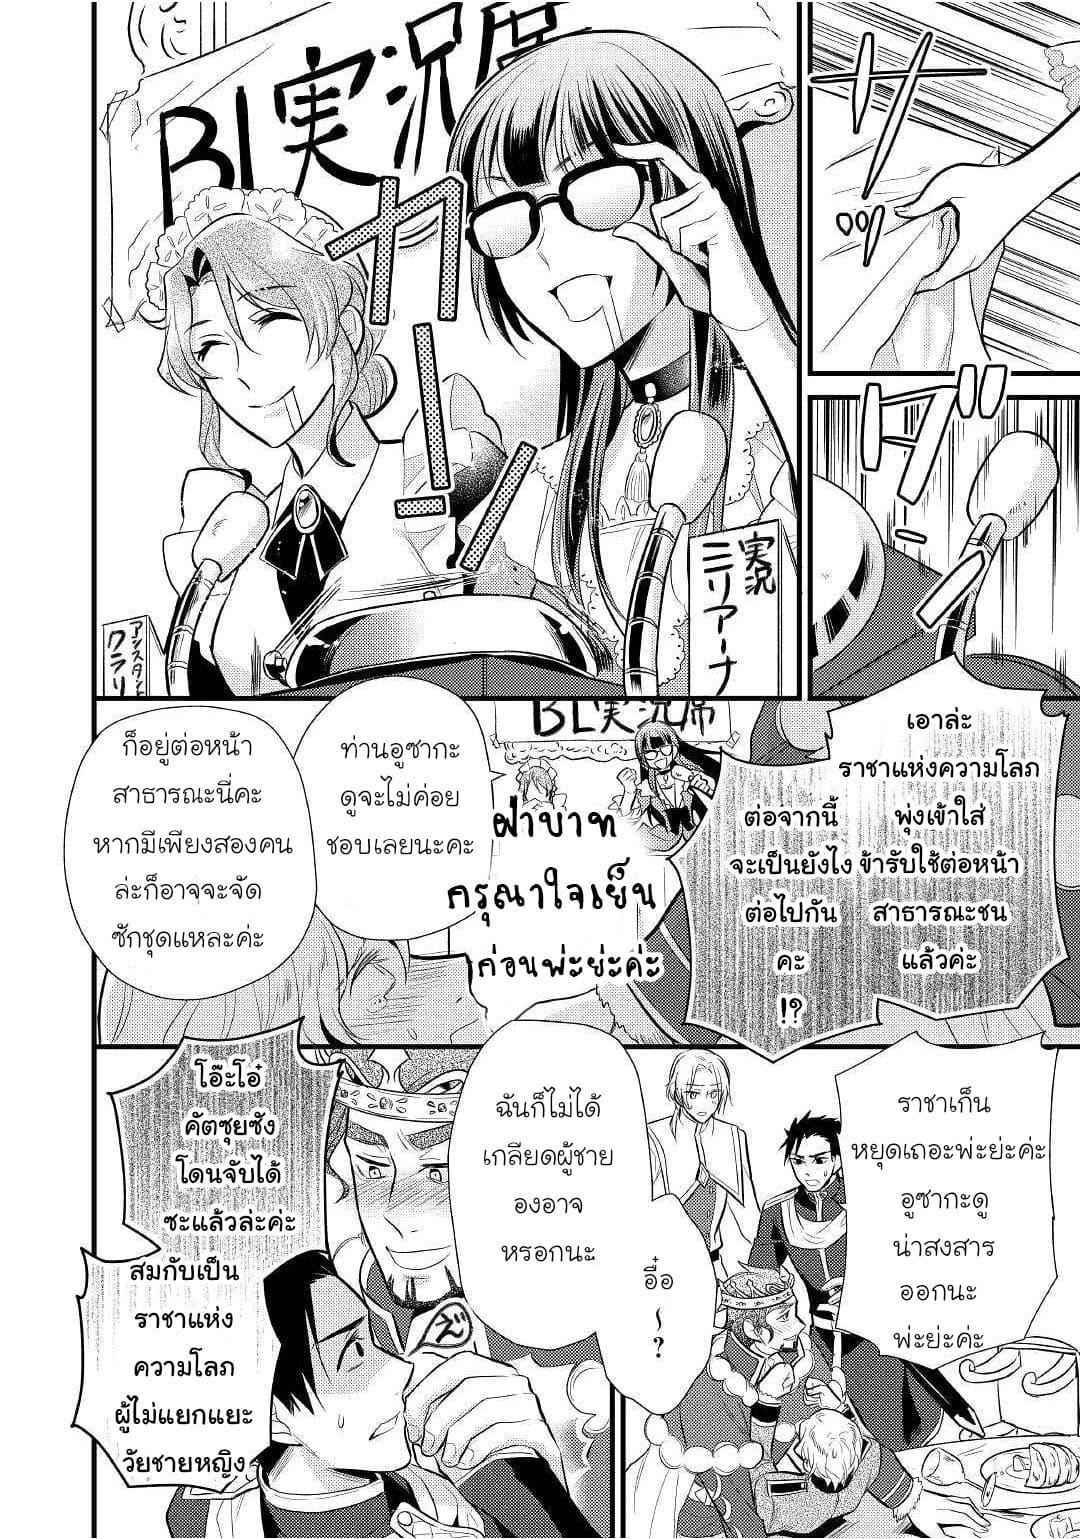 อ่านการ์ตูน Daites Ryou Koubouki ตอนที่ 17 หน้าที่ 24